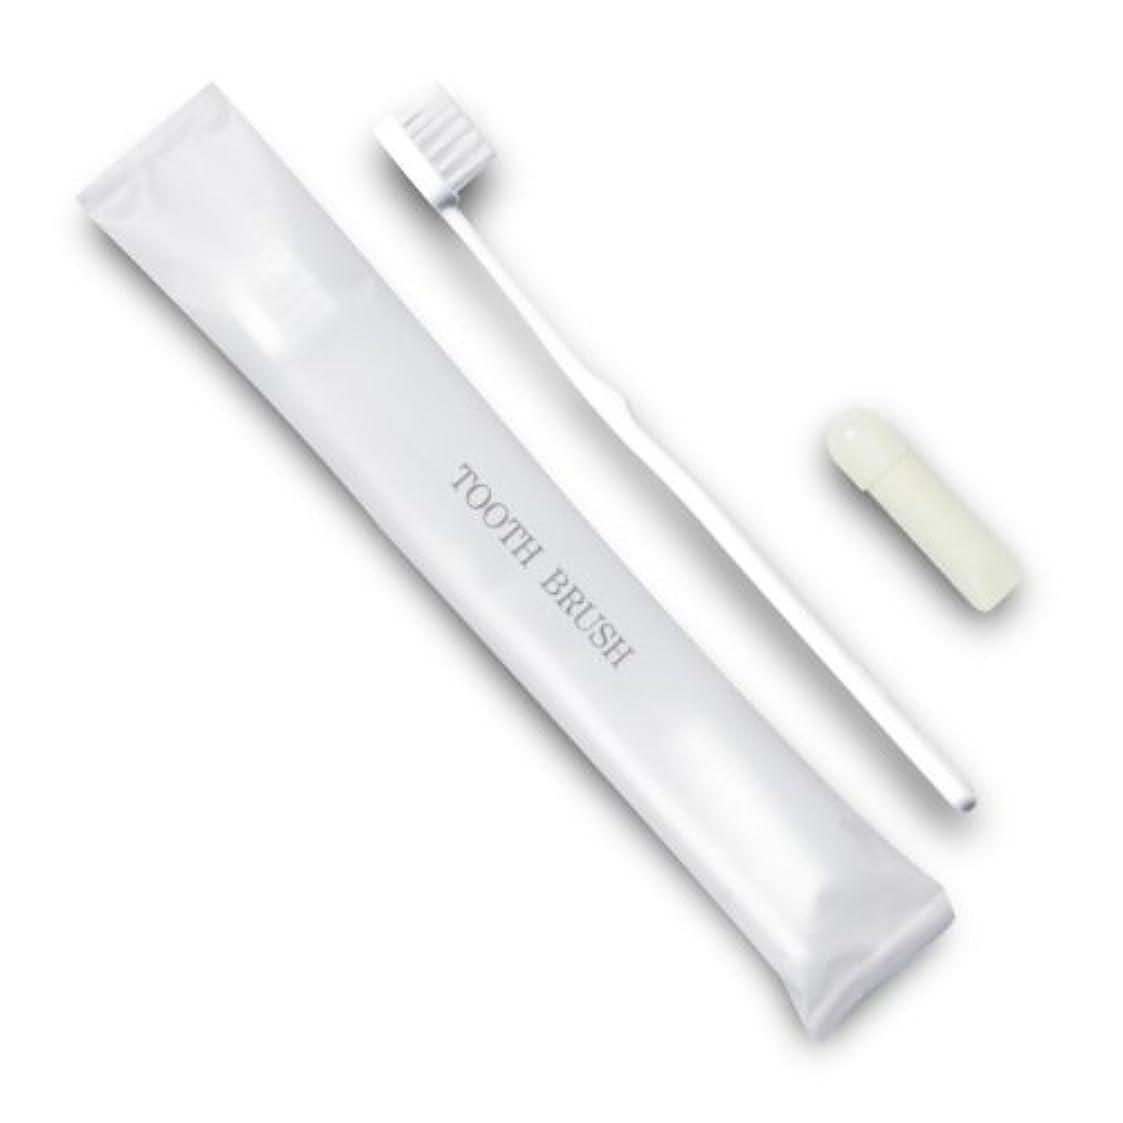 熟読かまどコンパニオンホテル業務用歯ブラシ21穴(白)3gチューブ マット袋FタイプDX 1400本